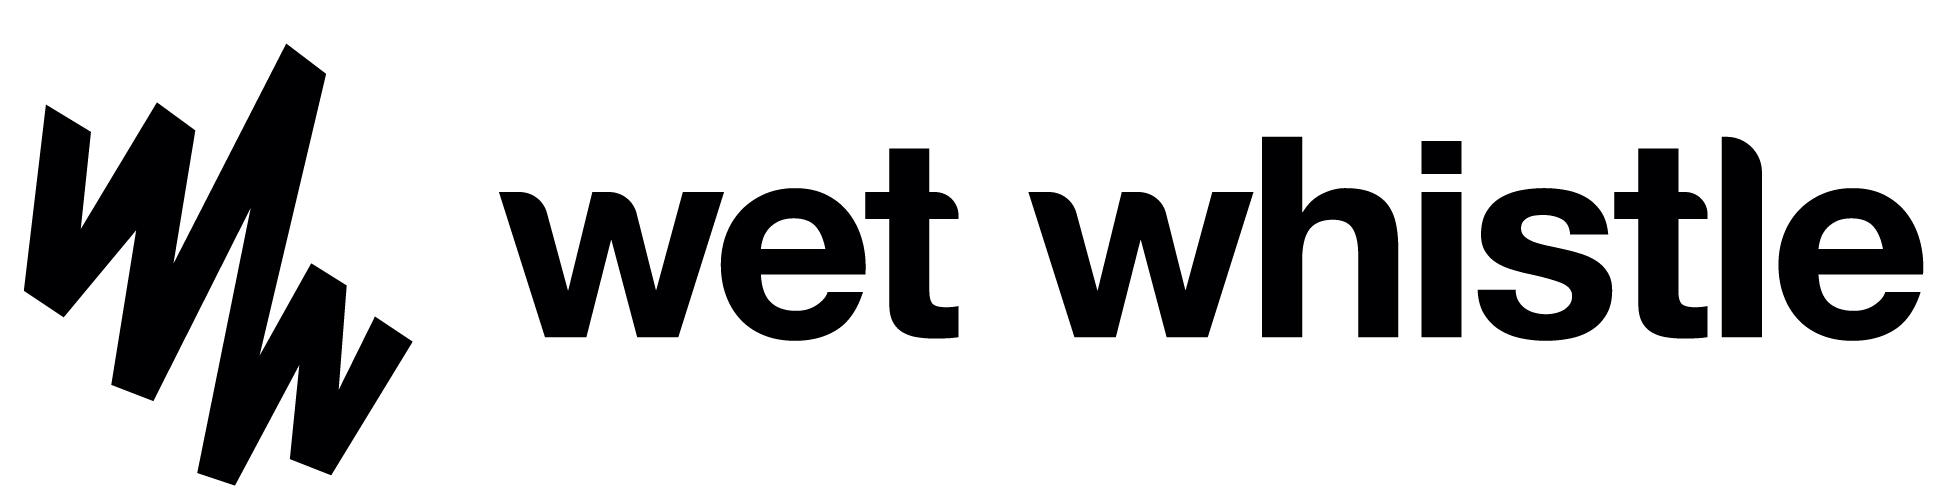 WWB logga